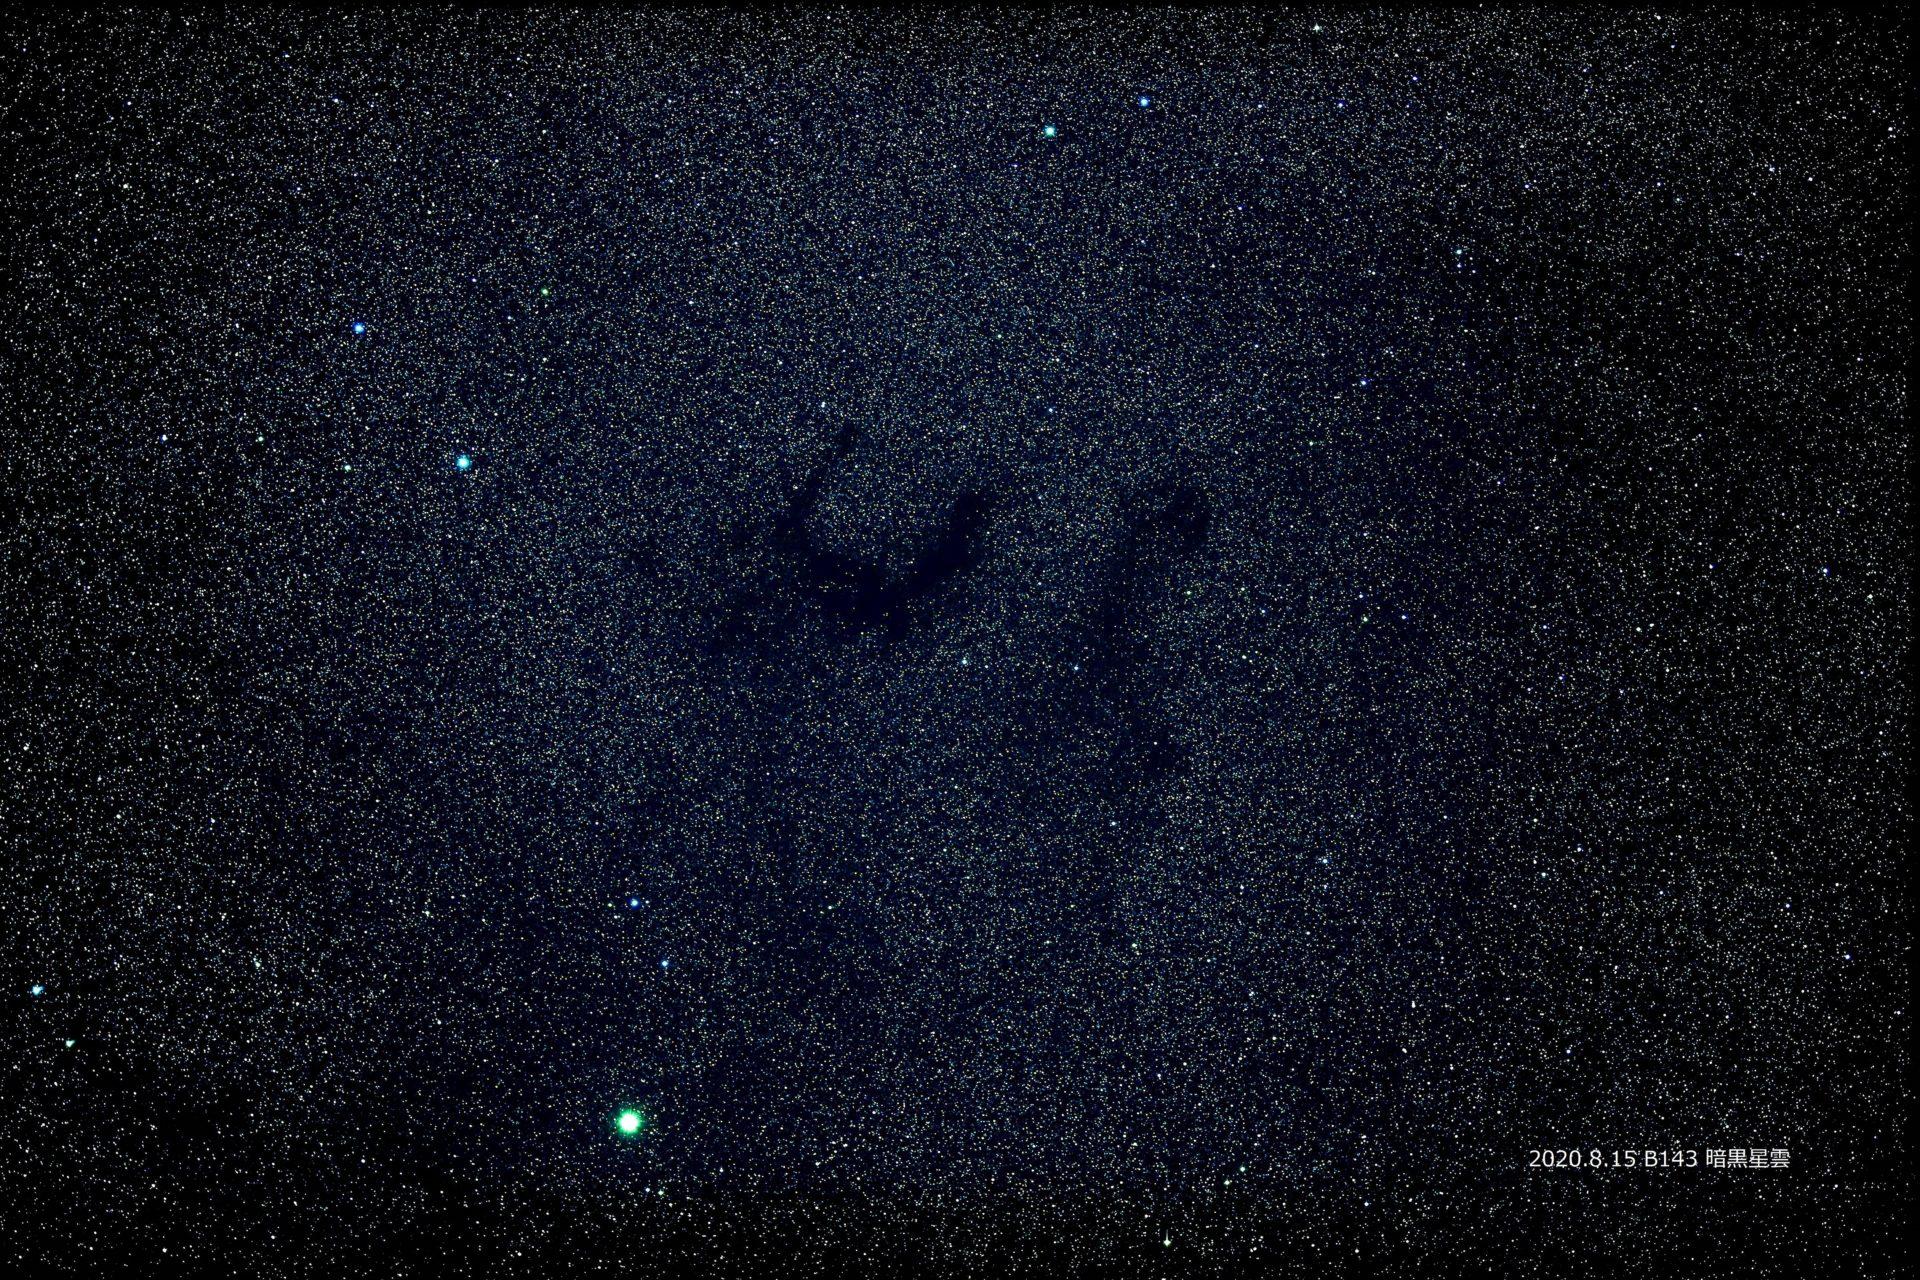 暗黒星雲B143